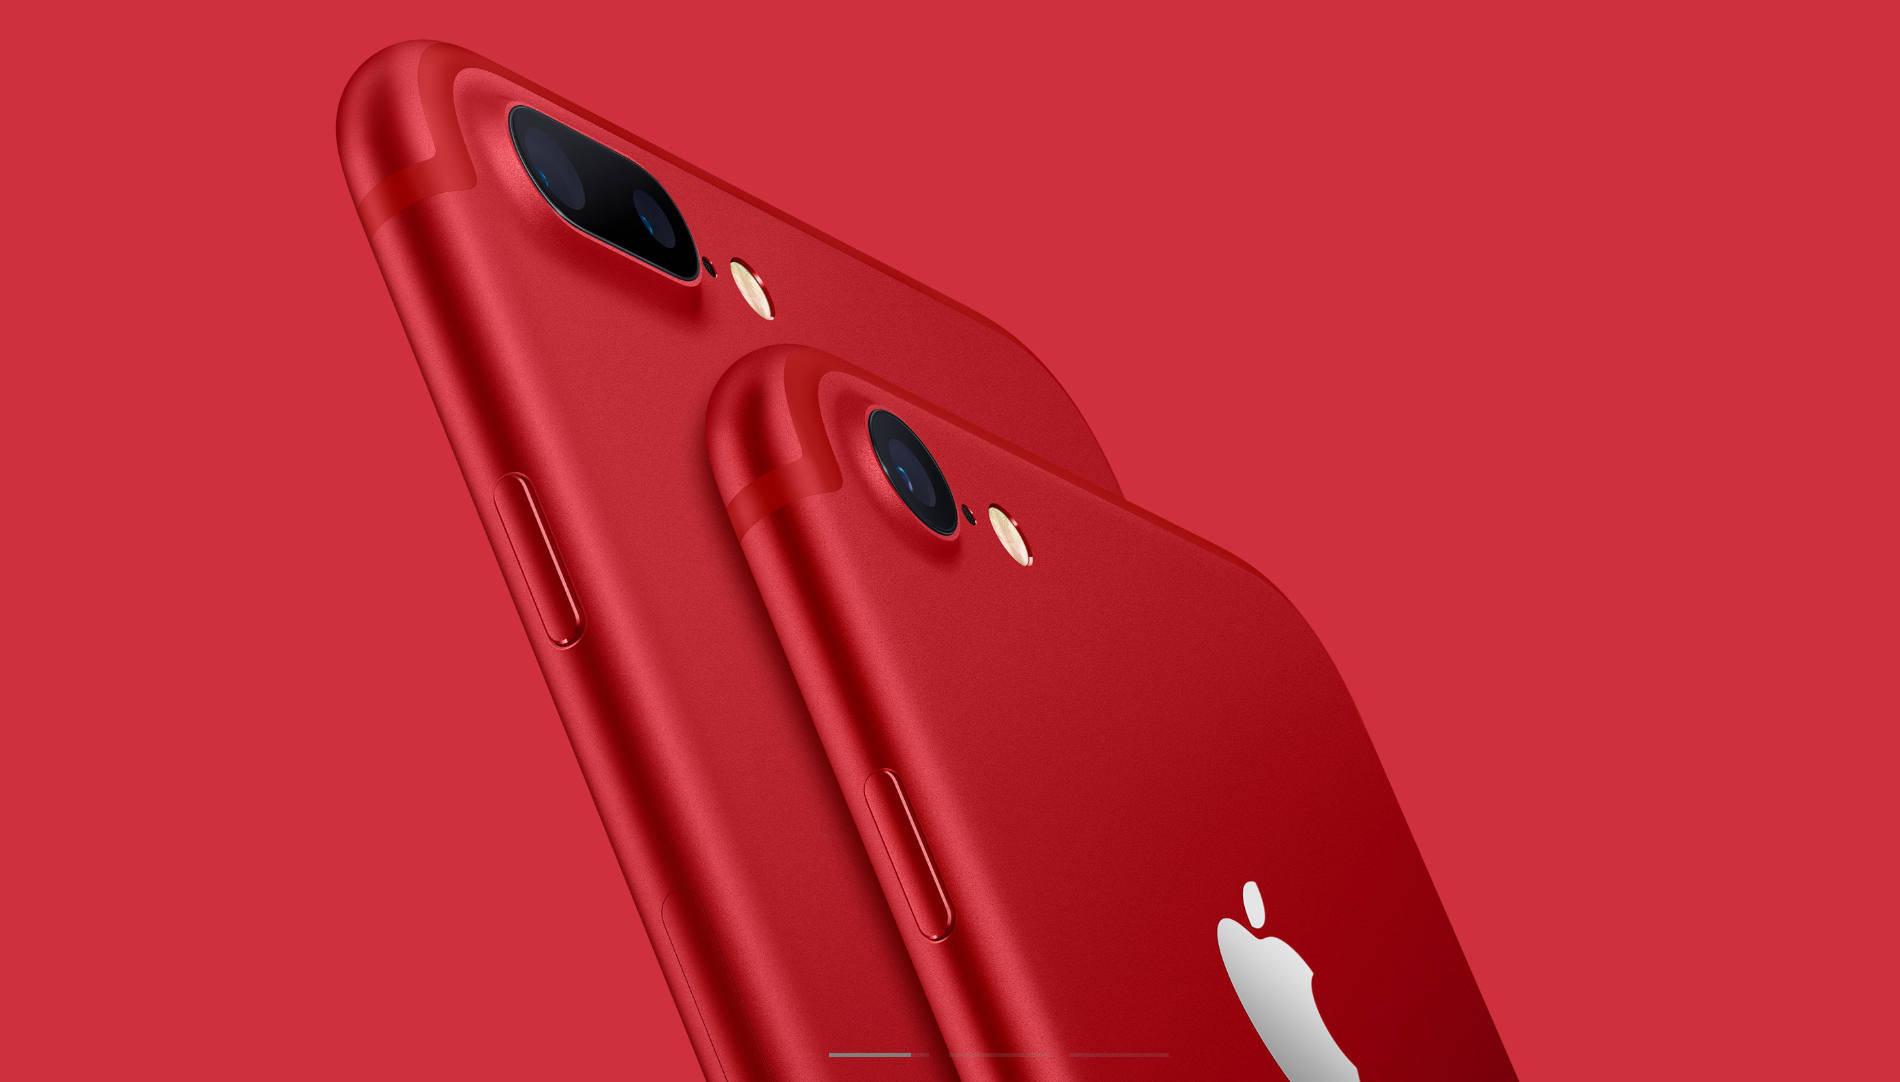 Apple iPhone SE 2 cena kiedy premiera plotki przecieki wycieki informacje specyfikacja techniczna opinie